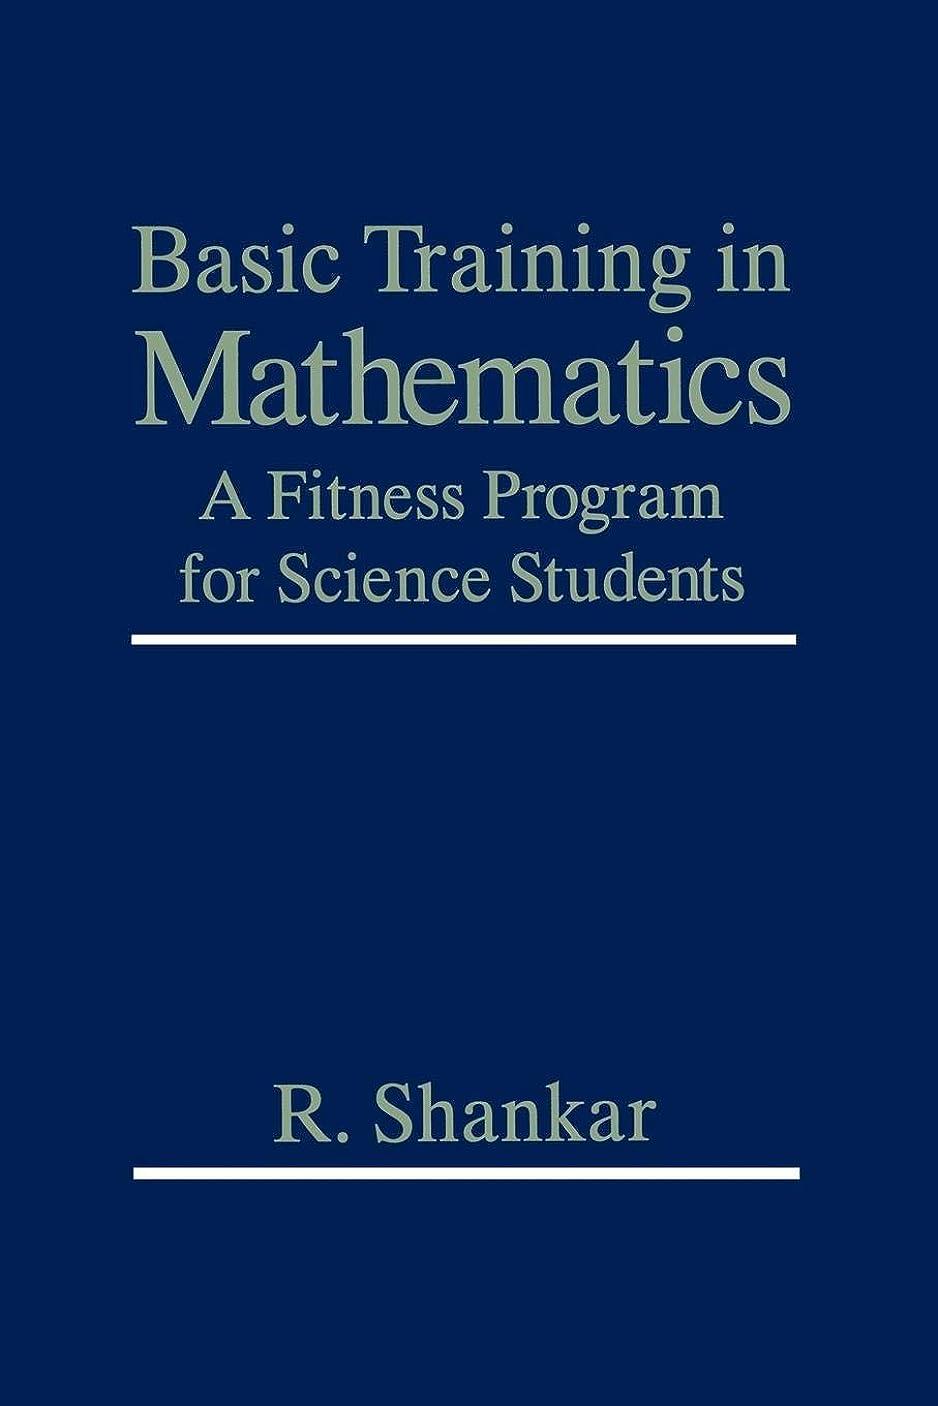 接続された打倒ガロンBasic Training in Mathematics: A Fitness Program for Science Students